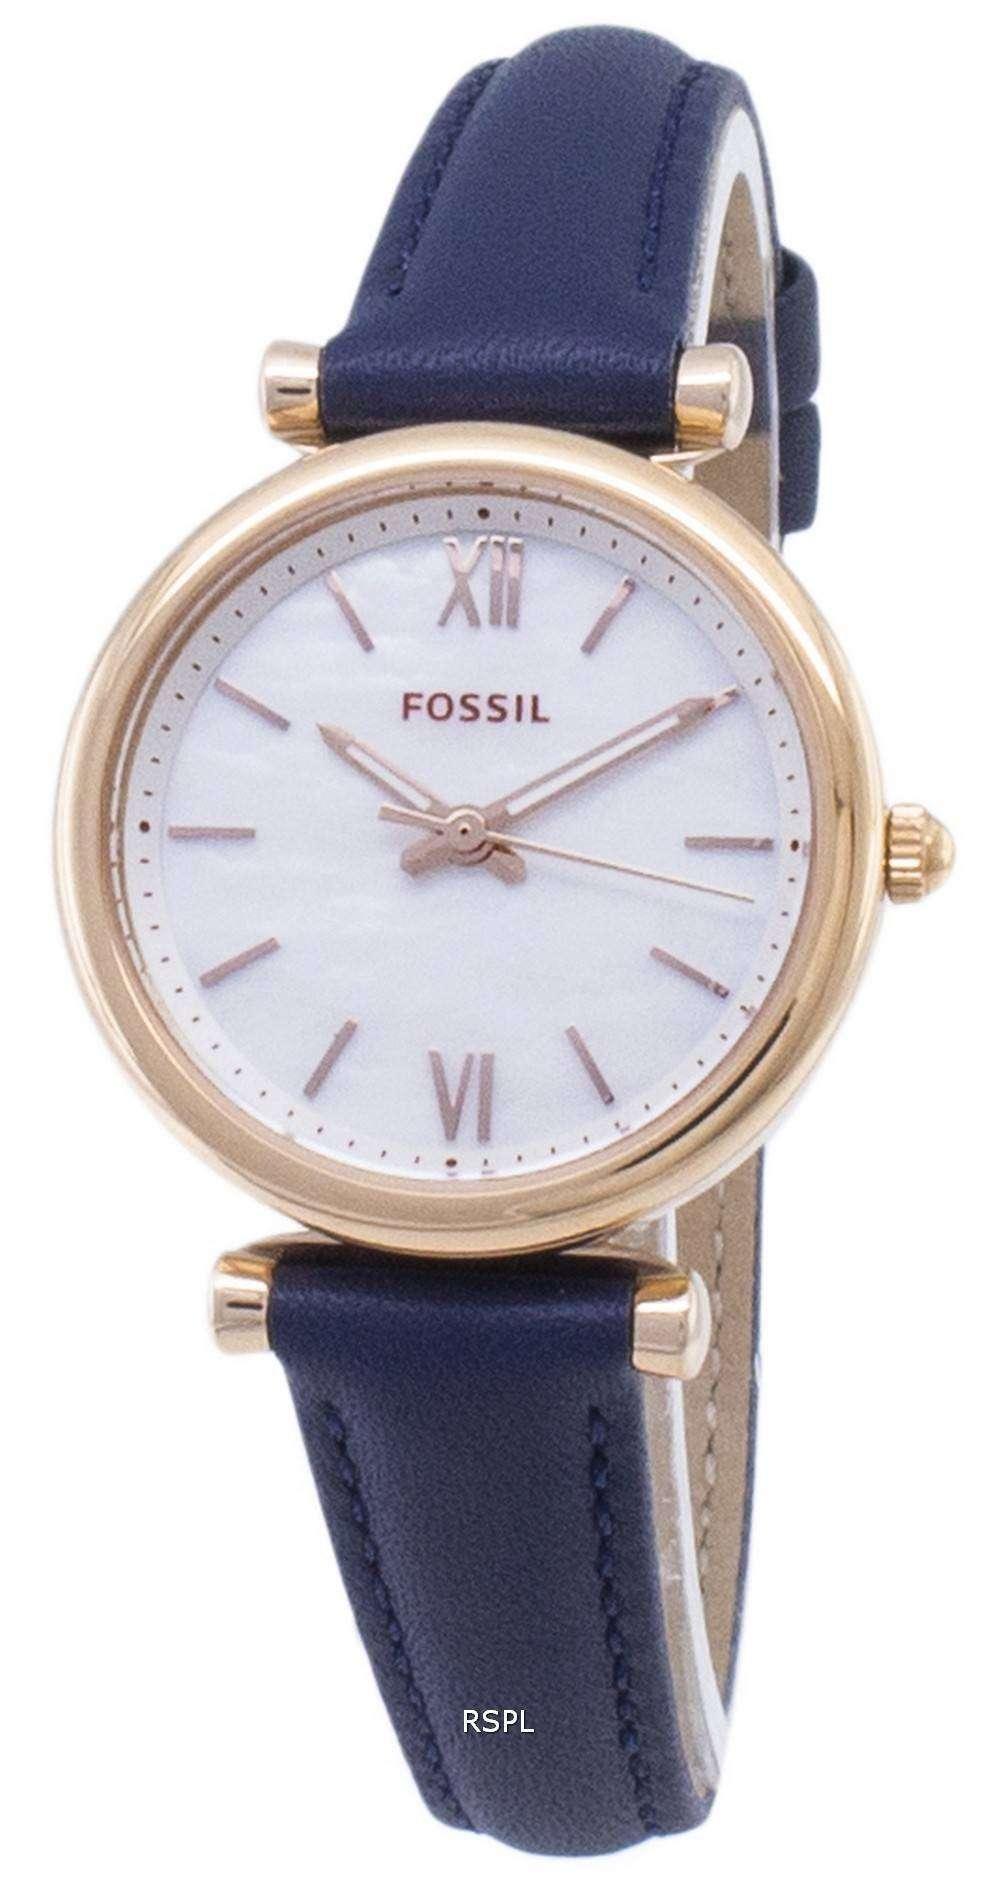 화석 Carlie 미니 ES4502 쿼 츠 아날로그 여성 시계